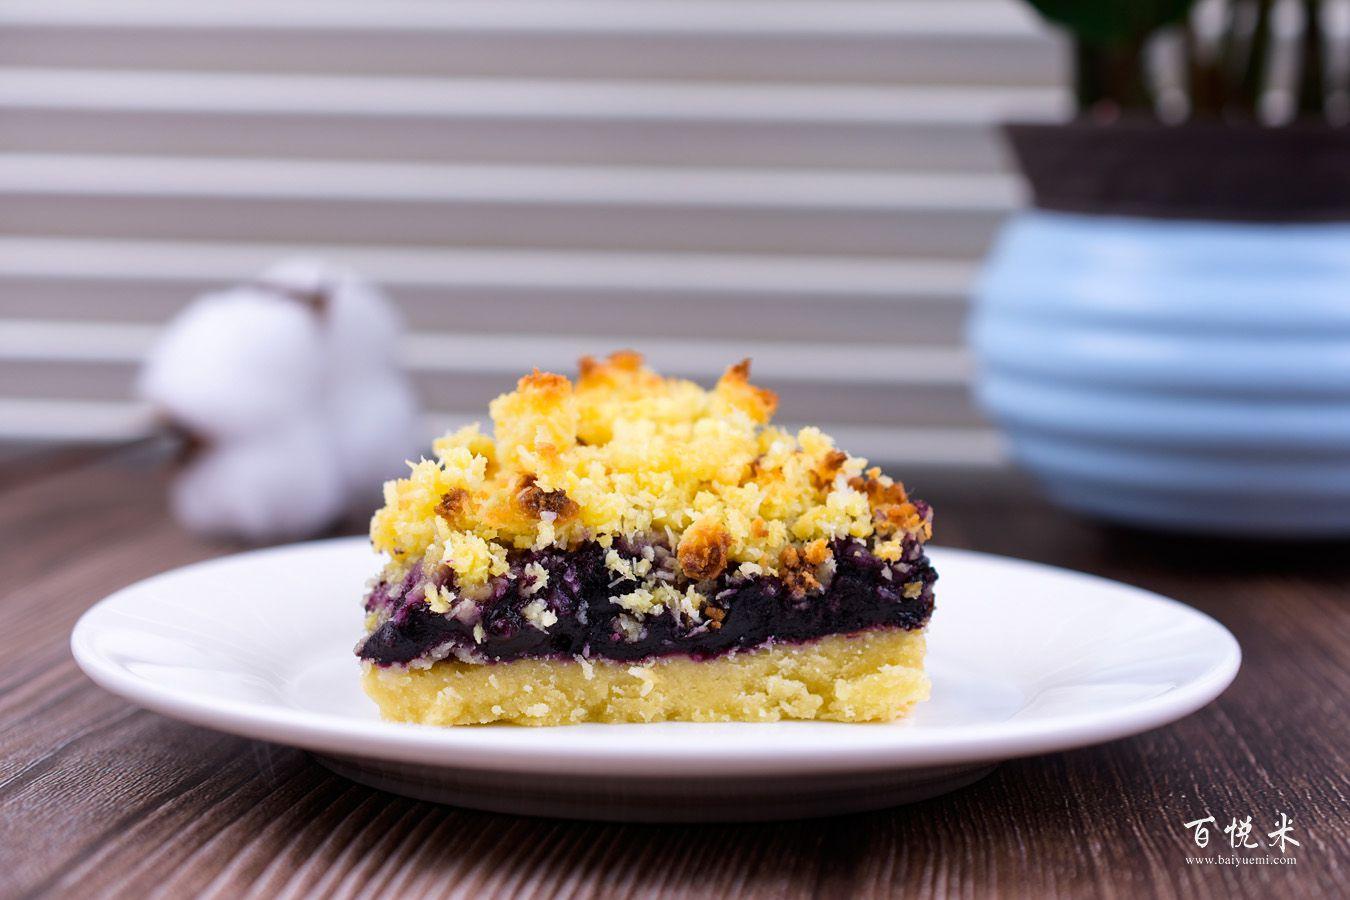 蓝莓酥粒小方块的做法大全,酥粒小方块西点培训图文教程分享